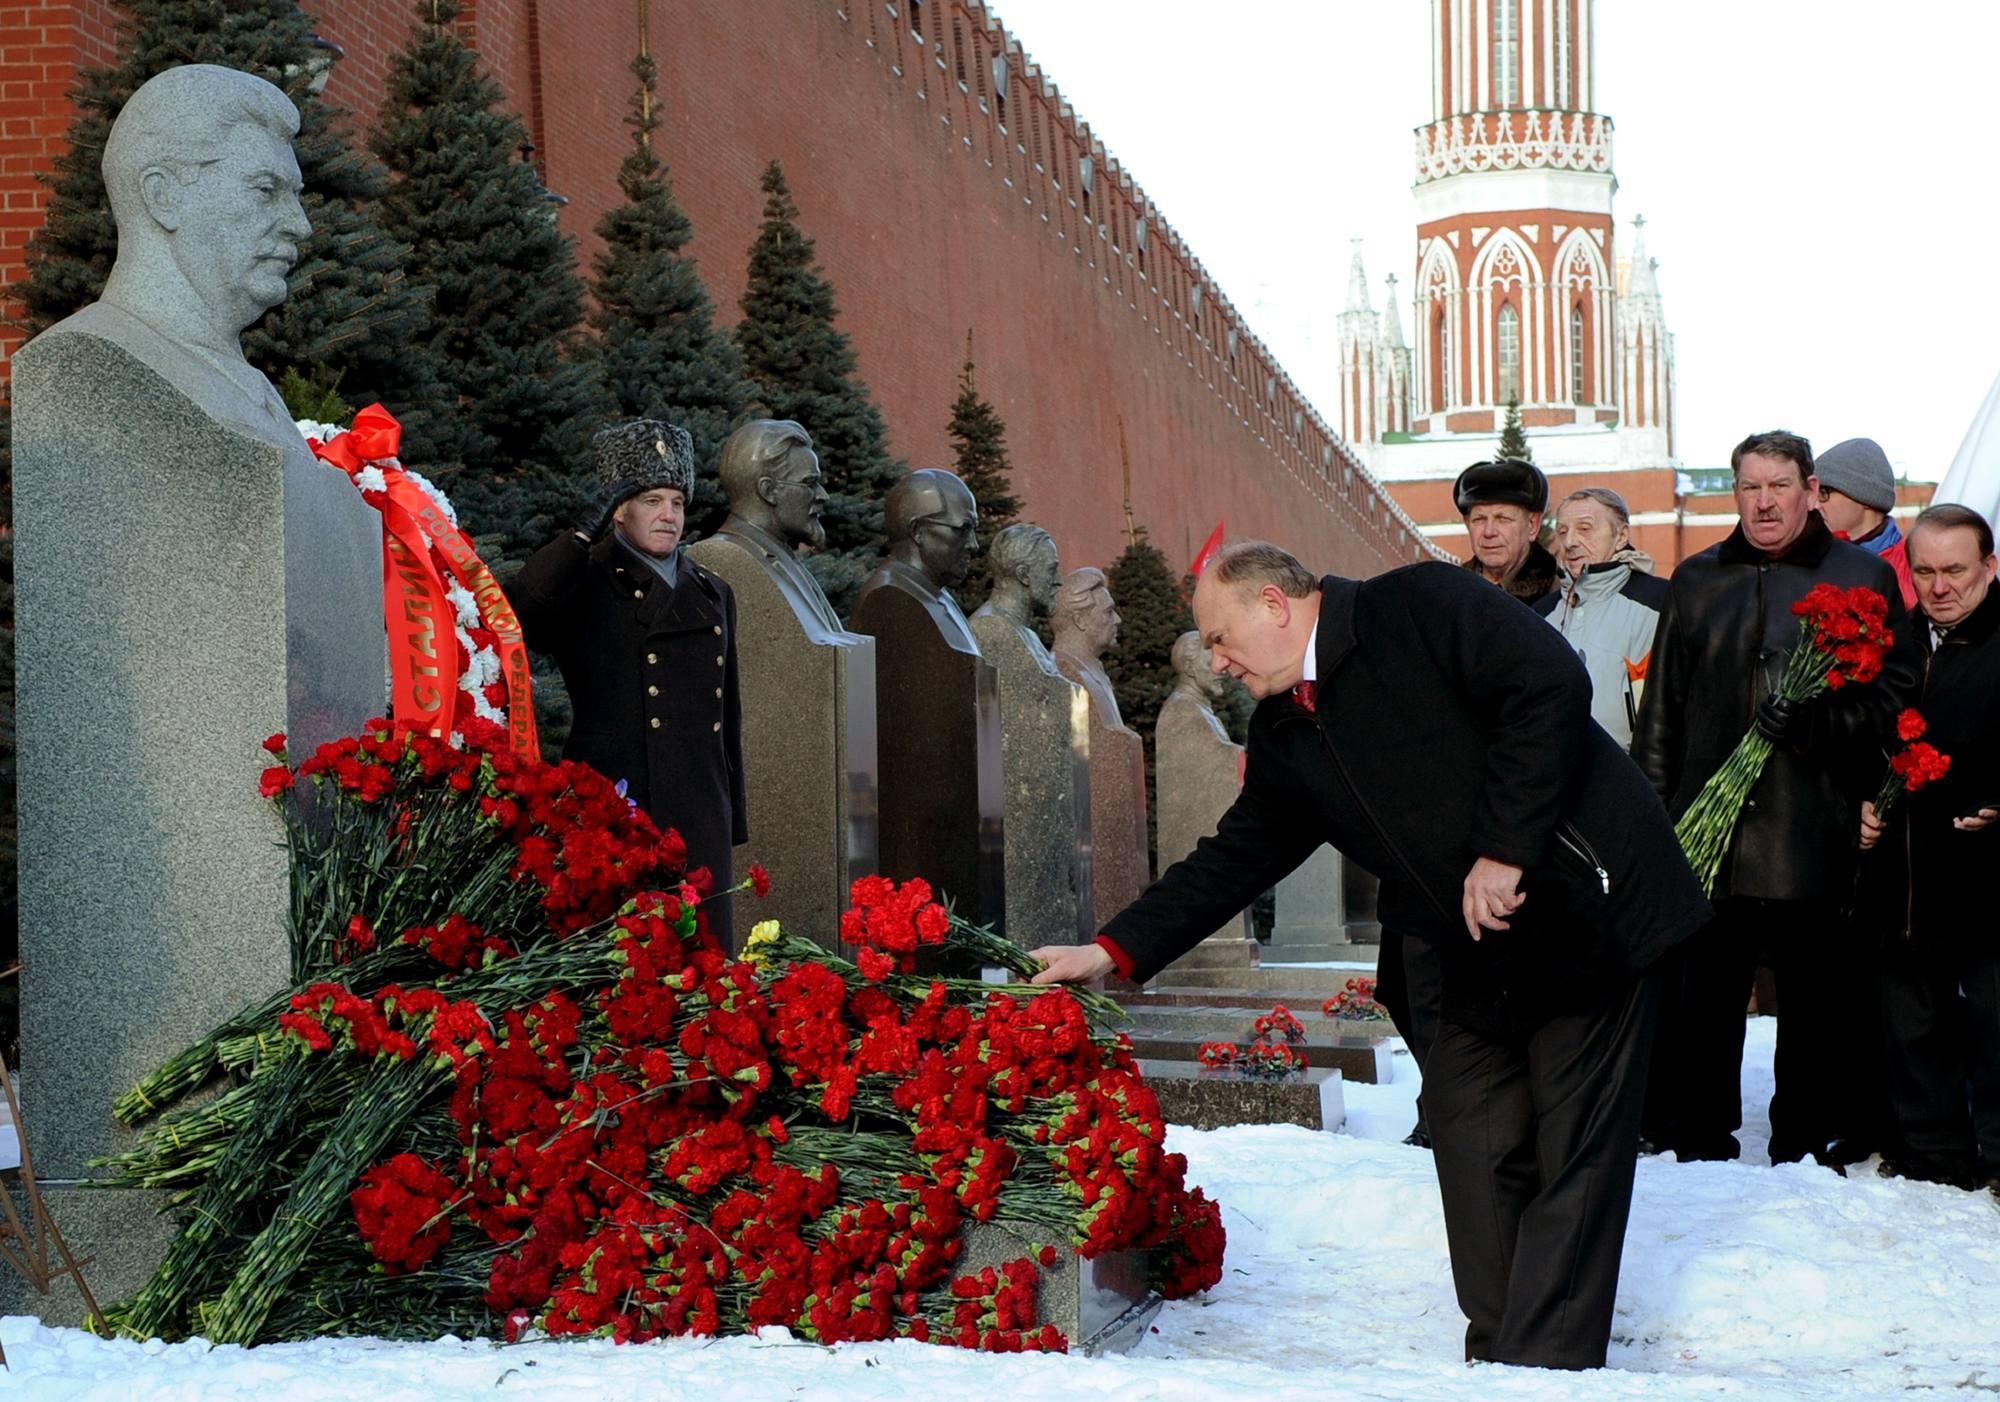 Il leader del partito comunista russo Gennady Zyuganov rende omaggio alla tomba di Stalin (Afp/Smirnov)